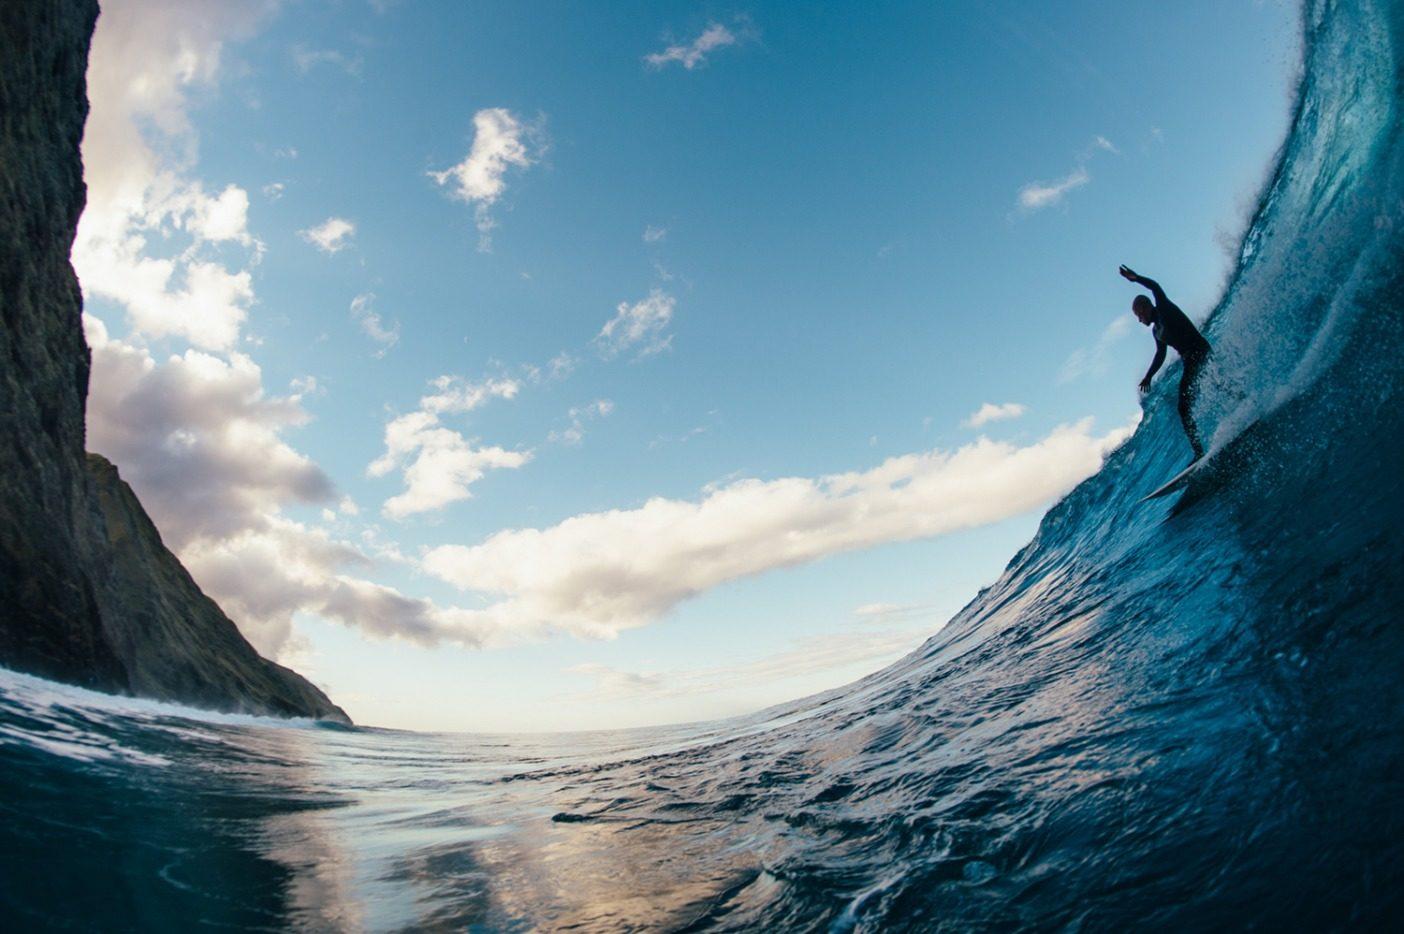 暴風によっても損なわれなかったわずか数セッションのうちのひとつ。島の険しい岩礁にブレイクする長いライトでスピードを見出すラモン・ナバロ。写真:Daniel Russo